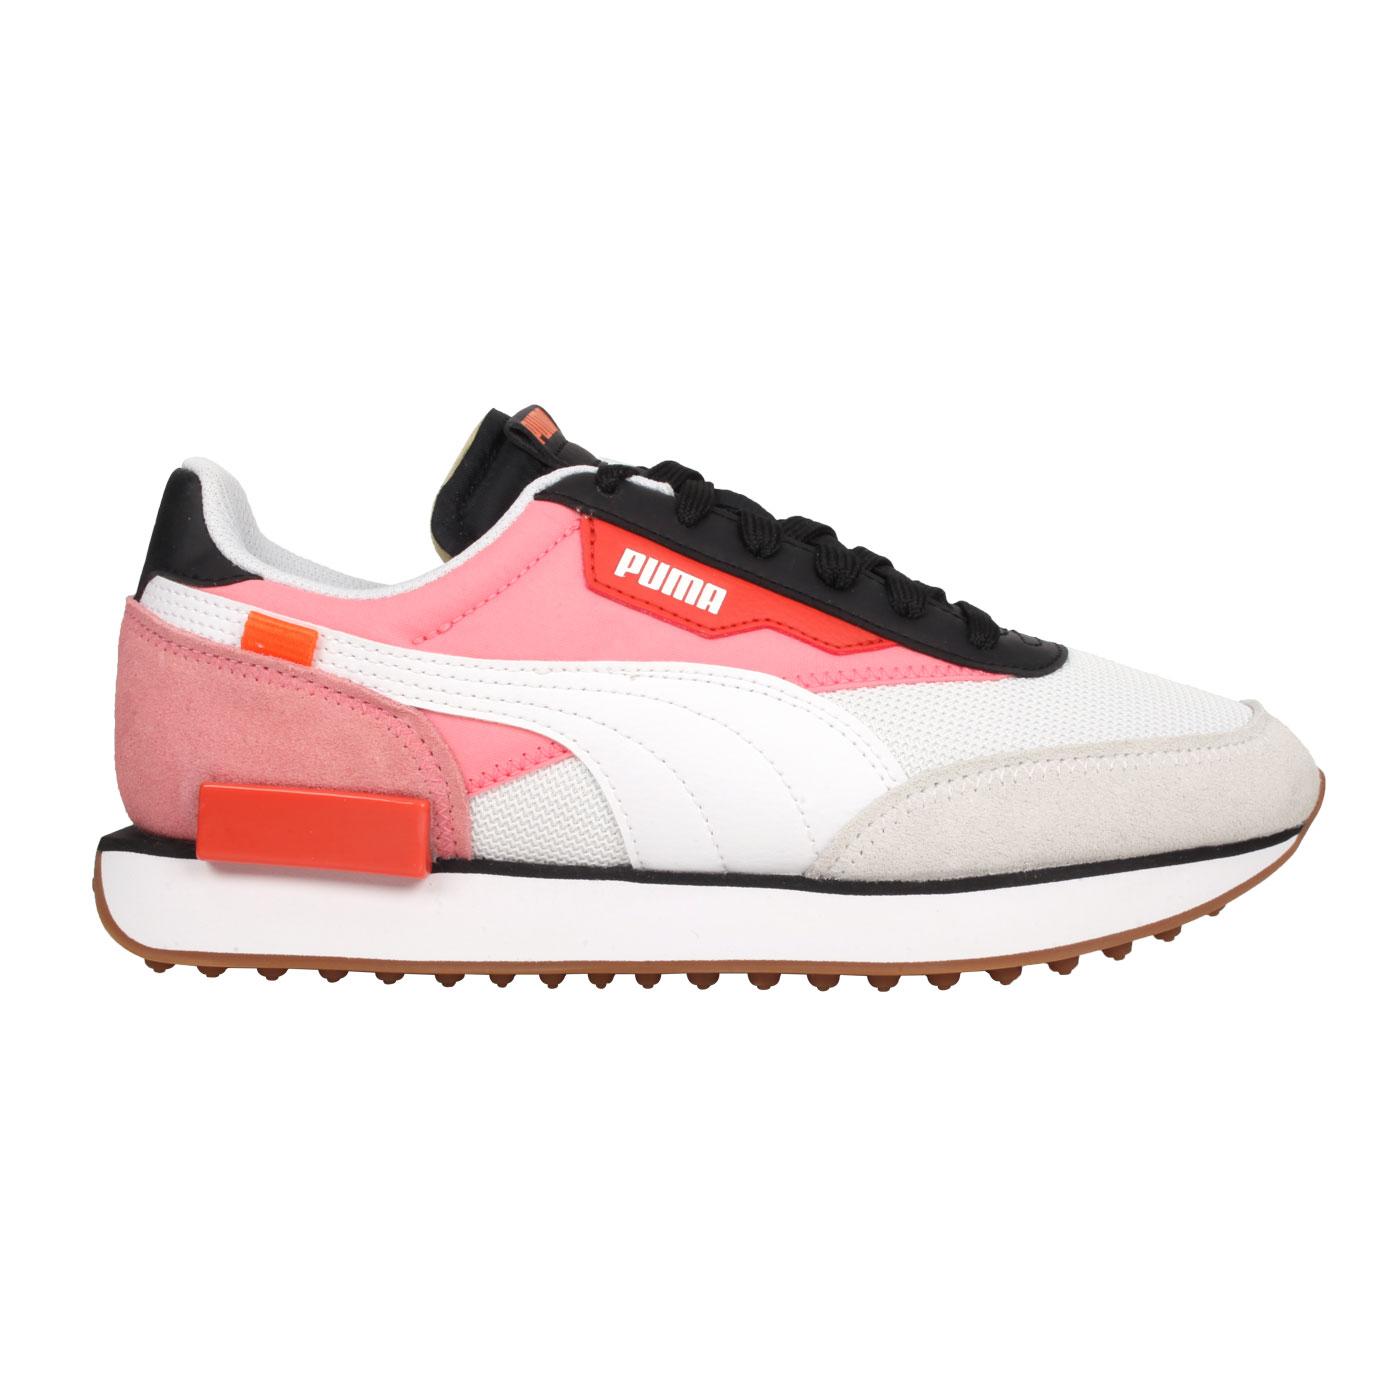 PUMA 女款復古慢跑運動鞋  @Future Rider New Tones@37338603 - 白粉黑橘